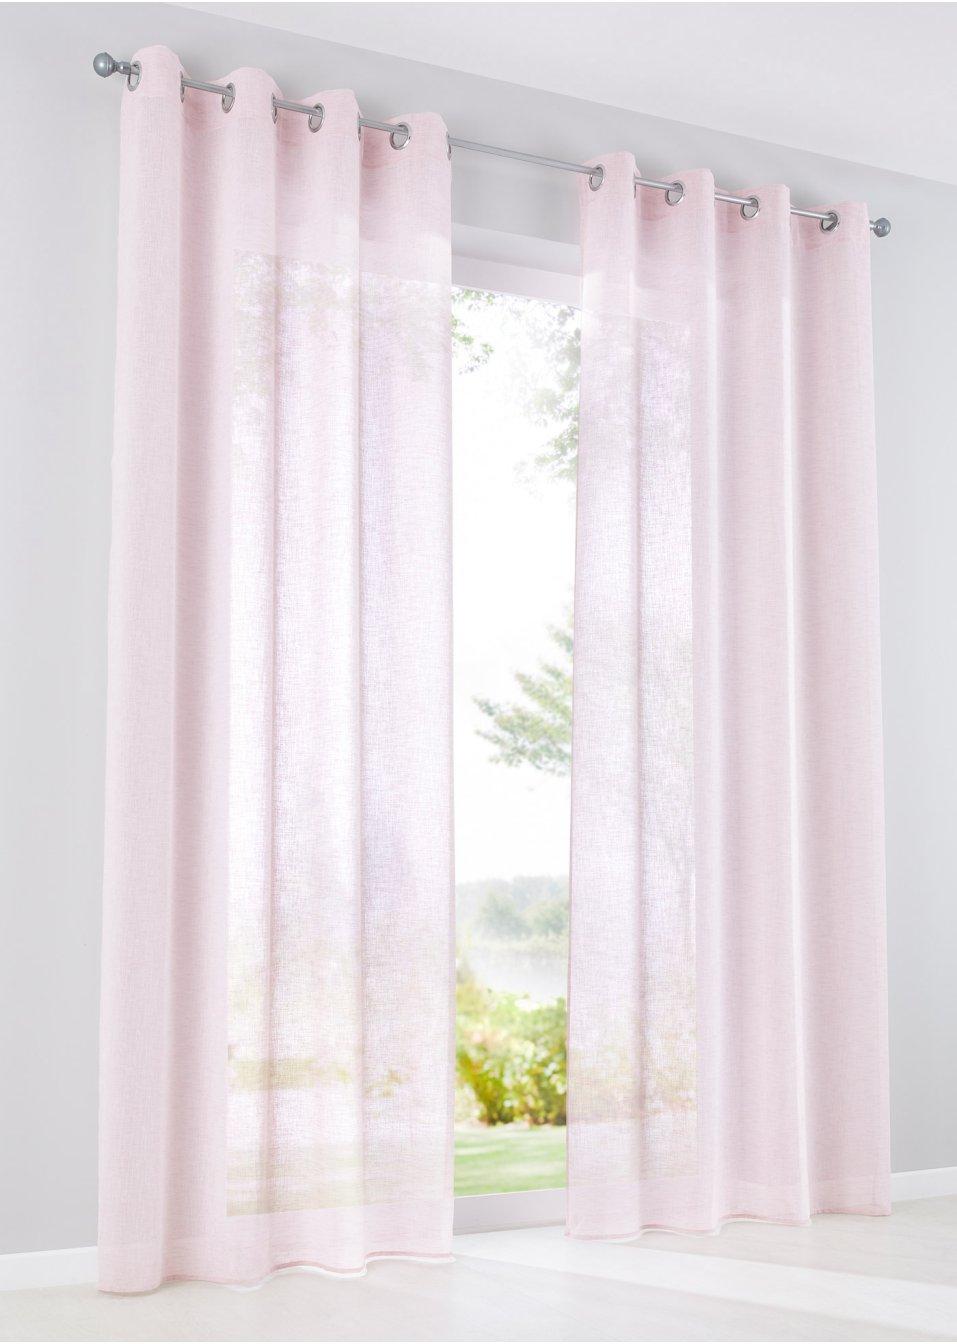 gardine zhara 1er pack puderrosa bpc living. Black Bedroom Furniture Sets. Home Design Ideas